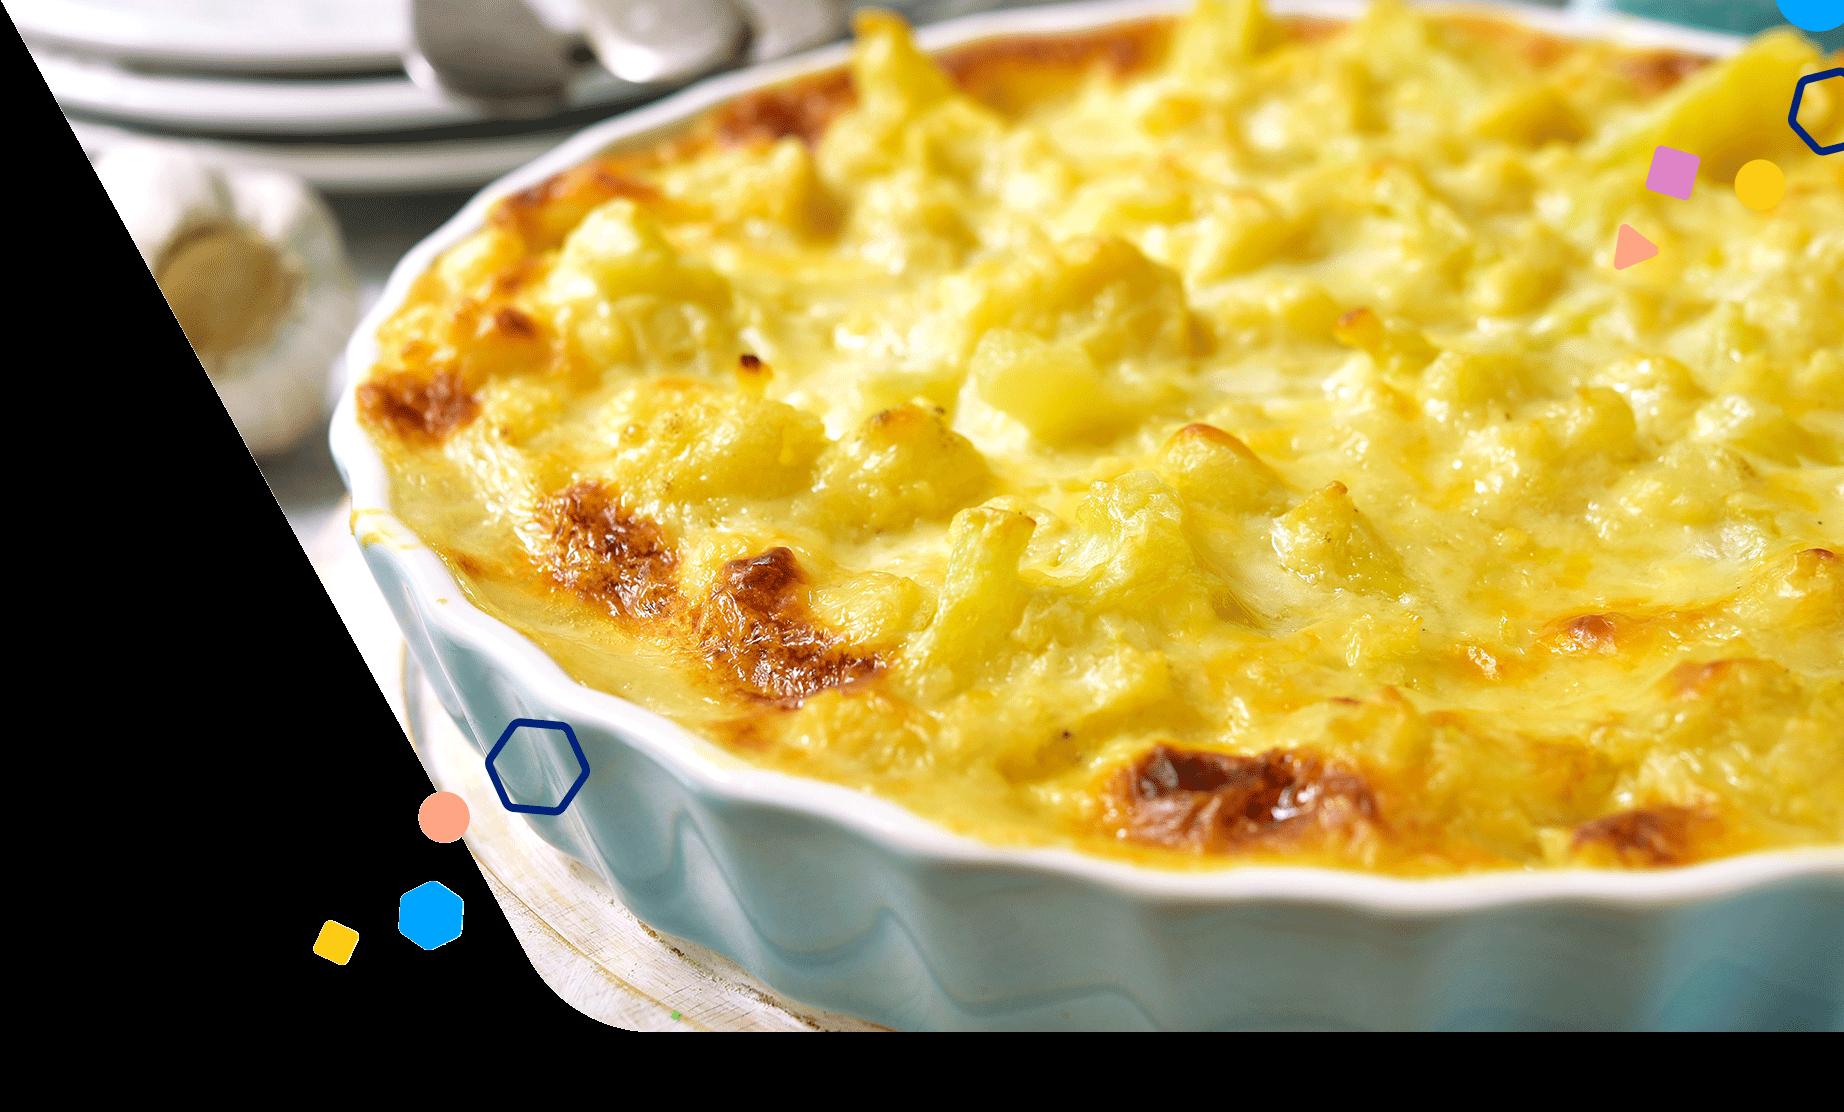 Cauliflower and Macaroni and Cheese Bake